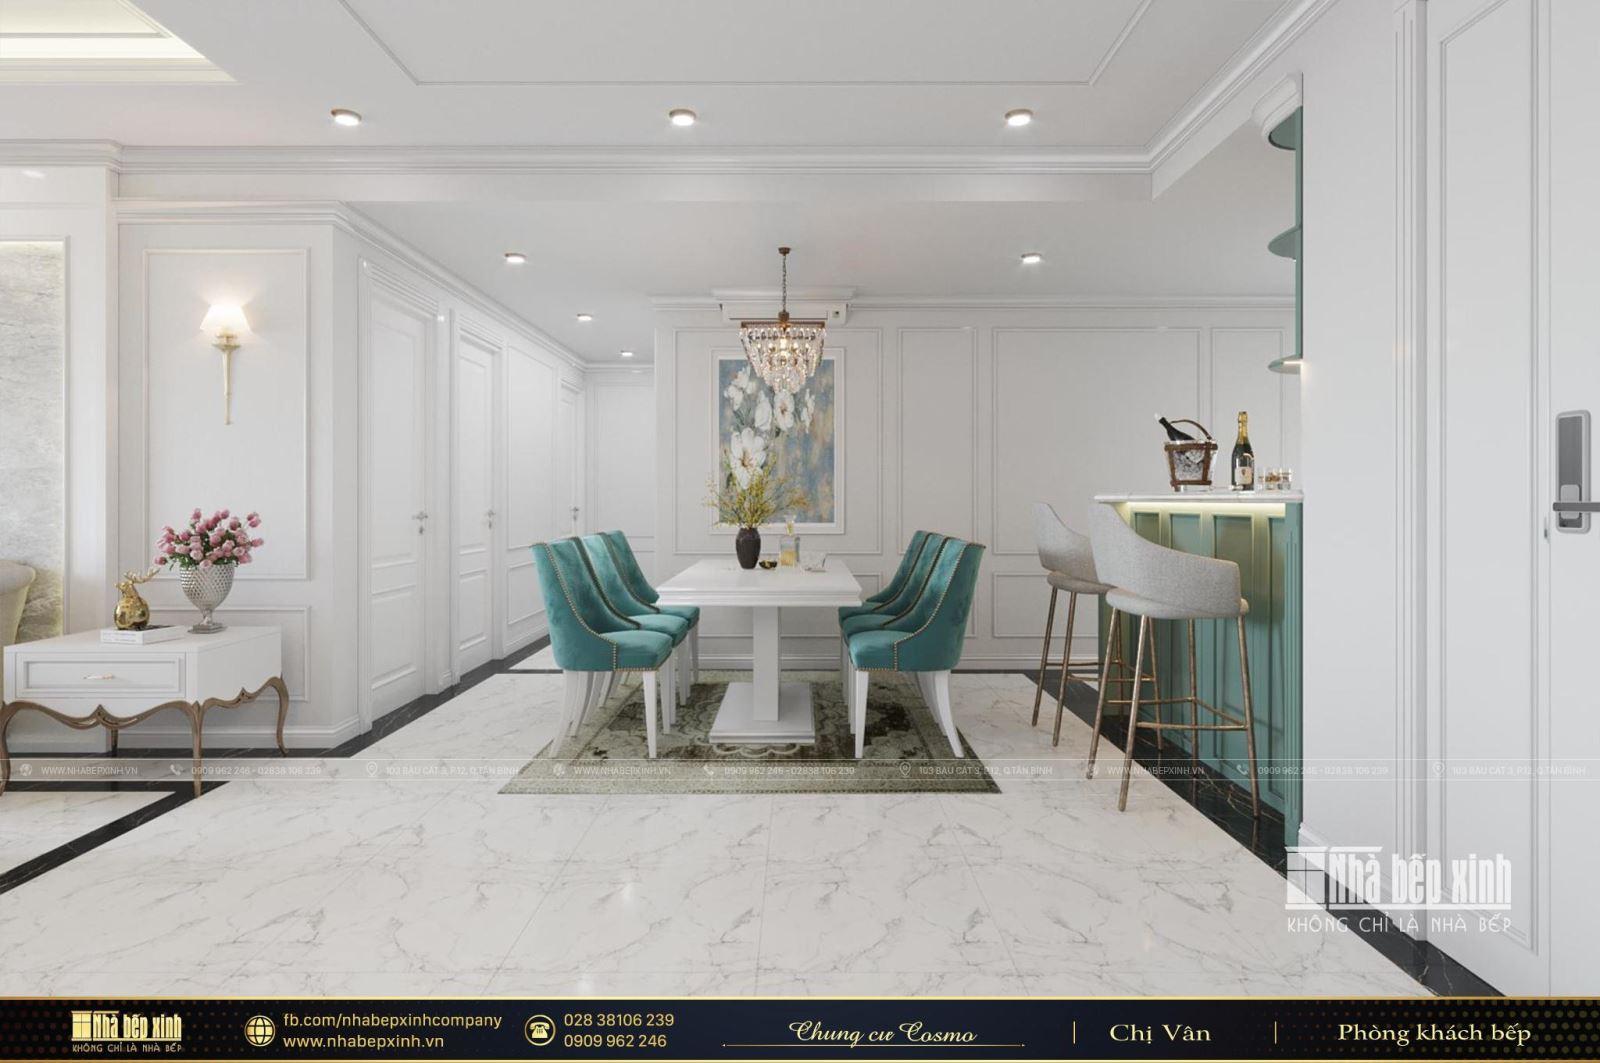 Thiết kế nội thất chung cư Cosmo City Quận 7 129m2 sang trọng trong phong cách tân cổ điển